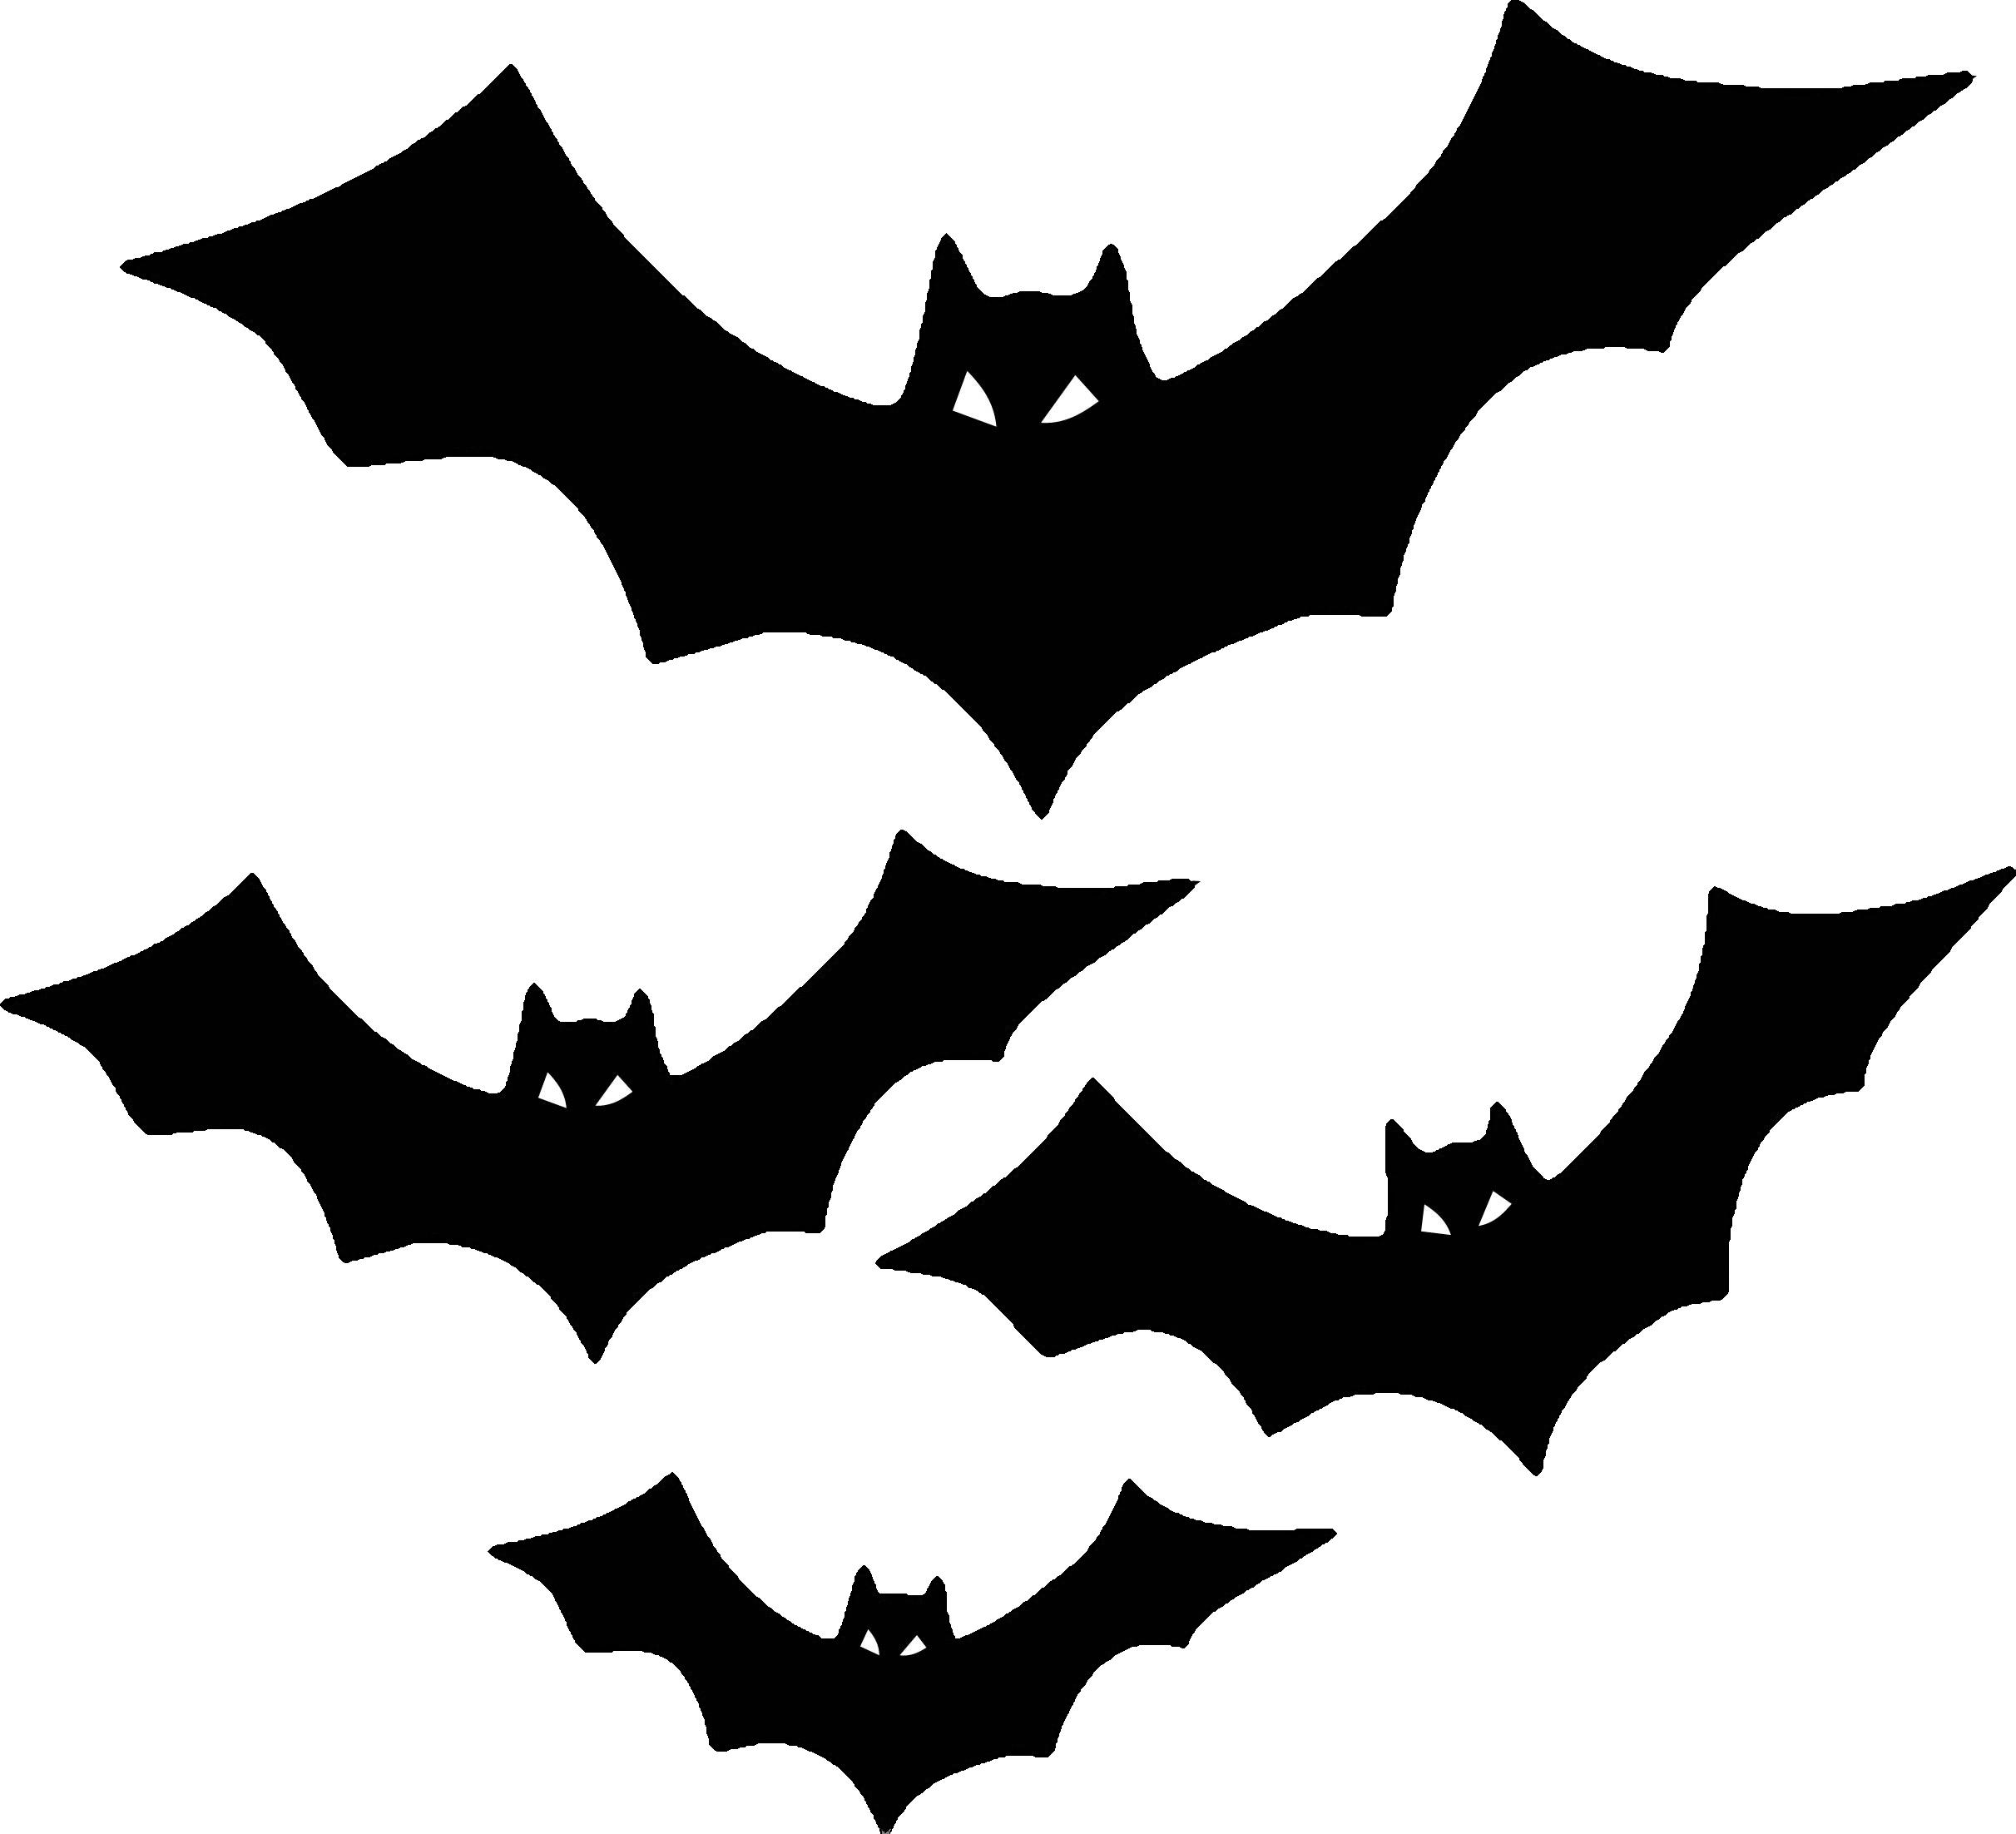 Frais image chauve souris halloween imprimer - Chauve souris a imprimer ...